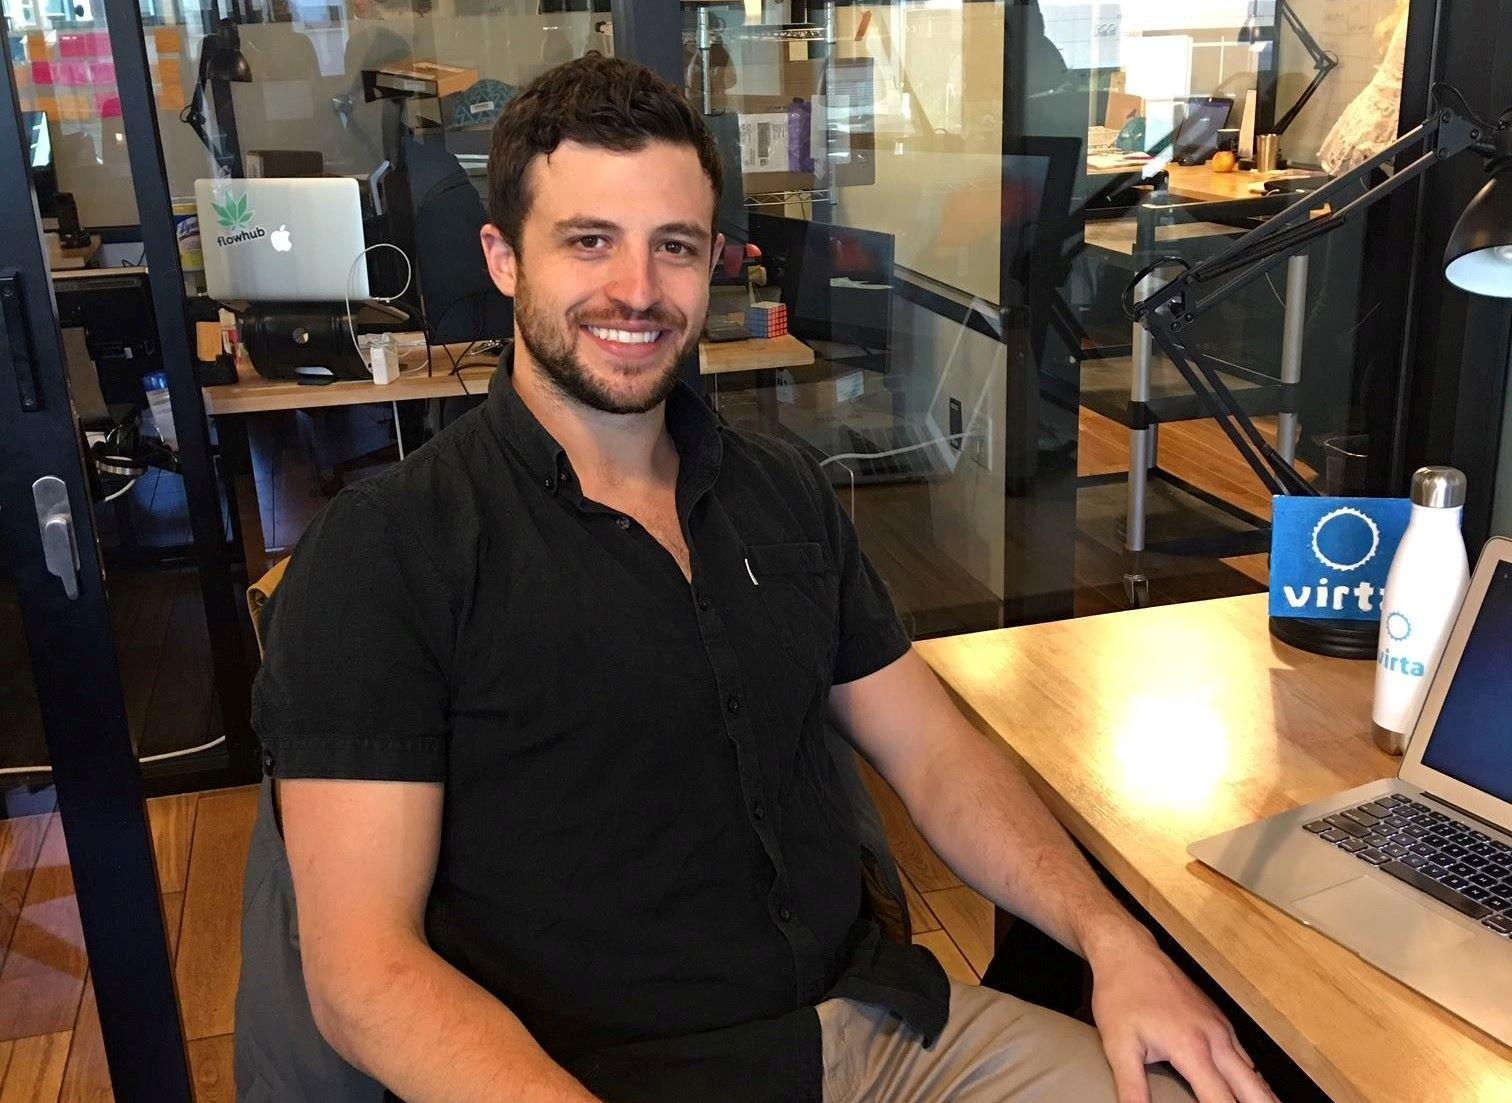 Virta Health engineers work on product design